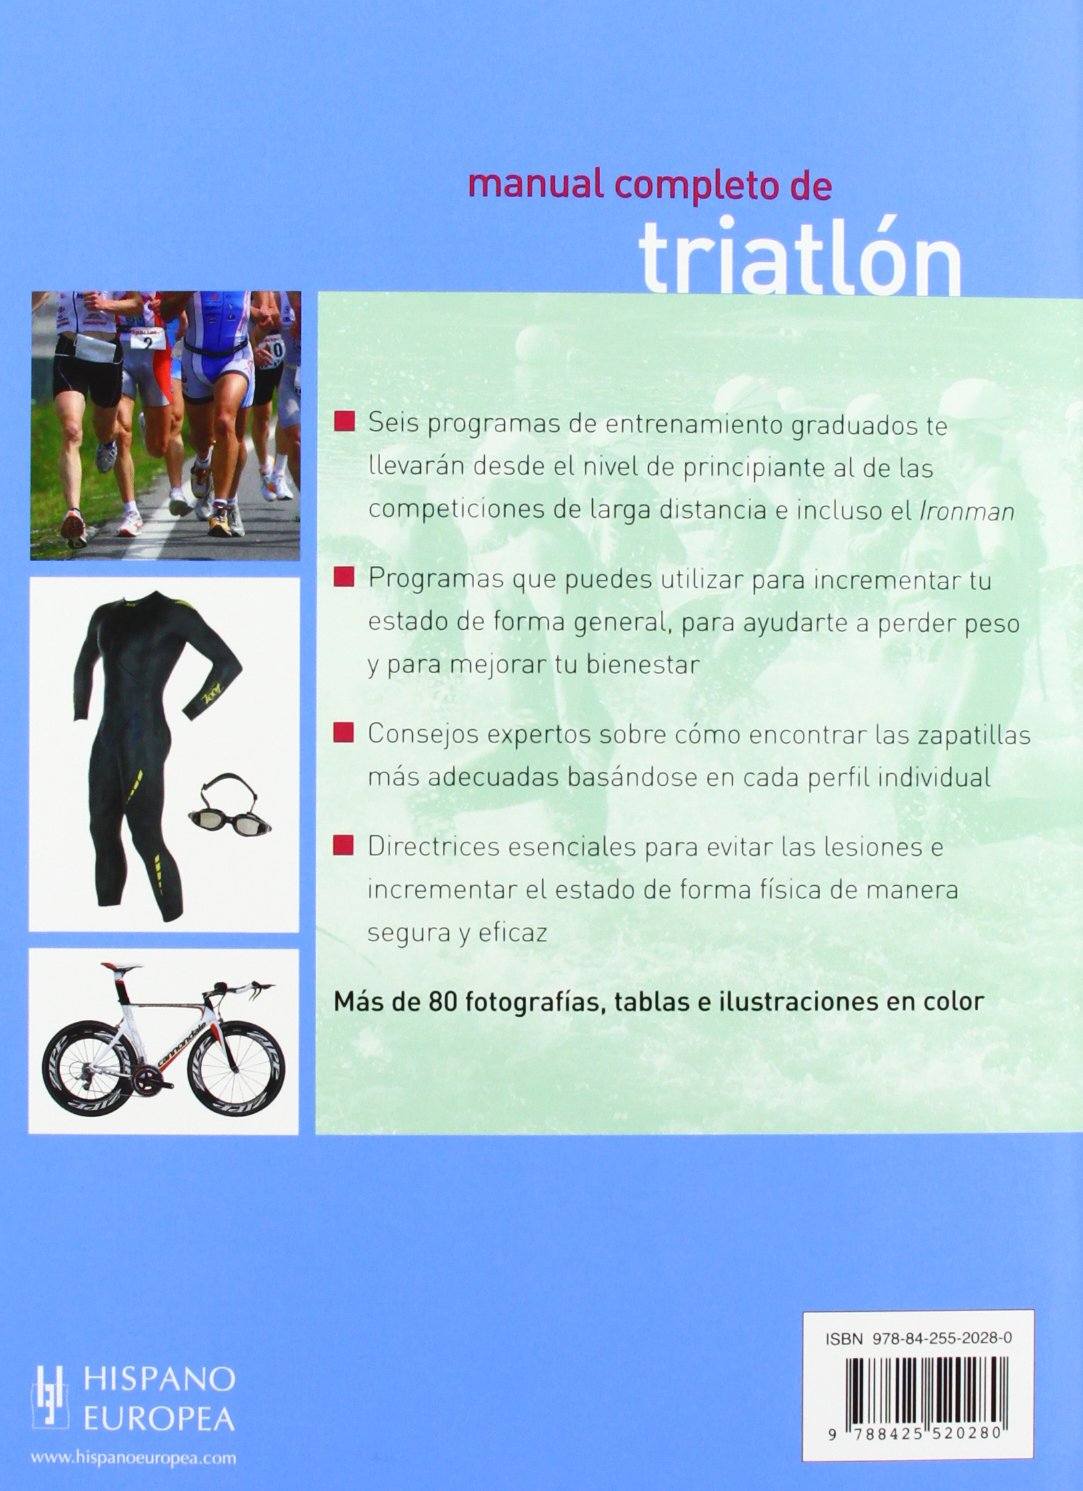 Manual completo de triatlon / Triathlon Complete Manual (Spanish Edition): Oliver Roberts: 9788425520280: Amazon.com: Books